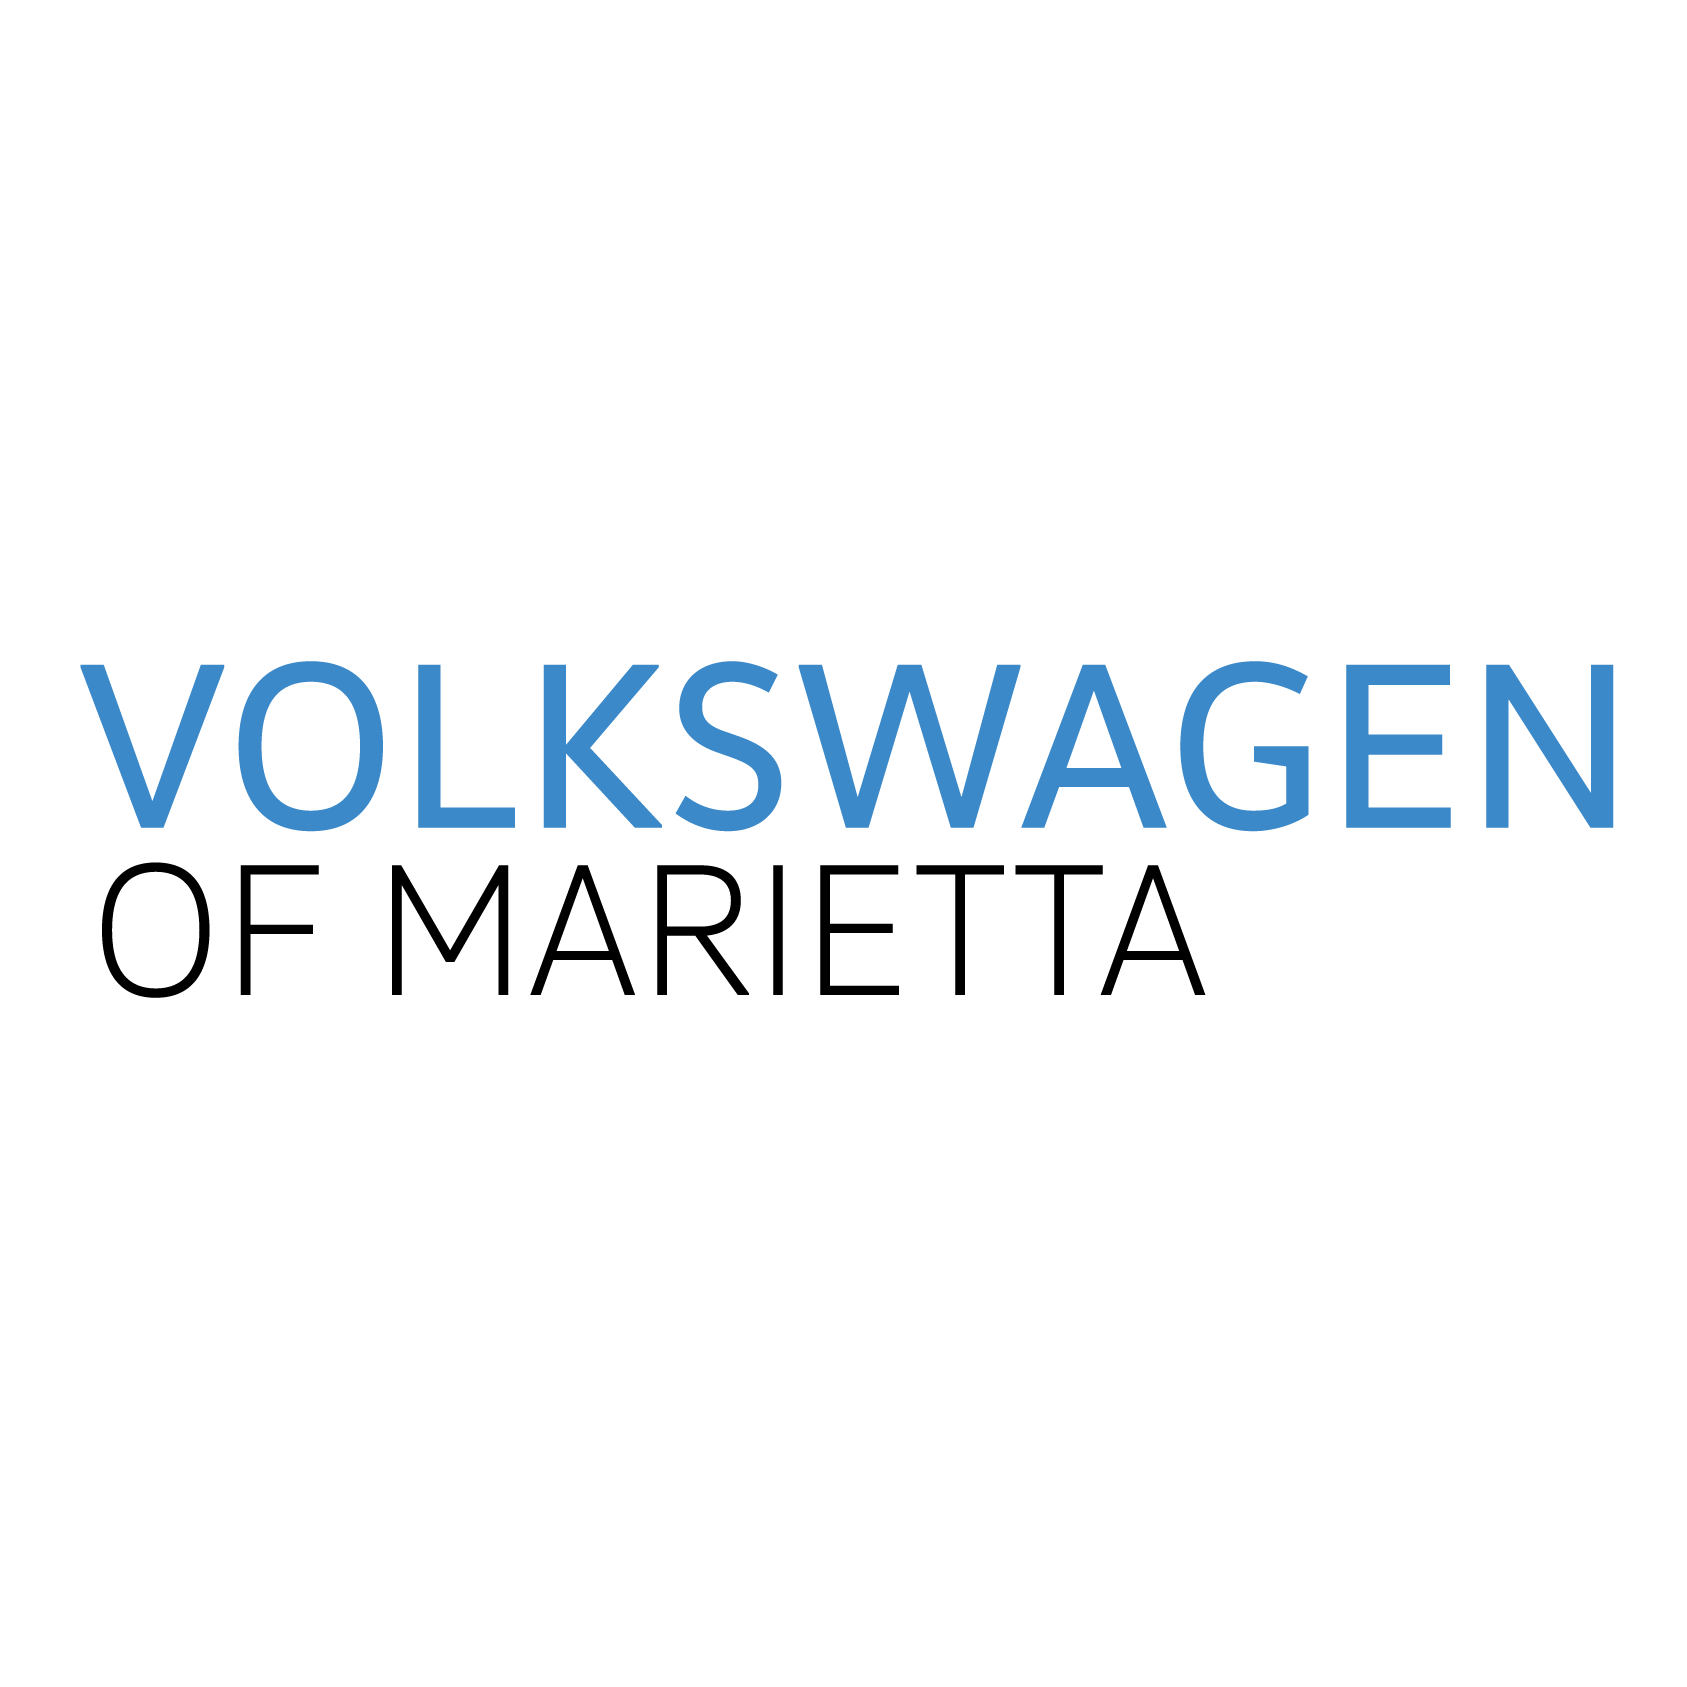 Volkswagen of Marietta, Marietta Georgia (GA) - LocalDatabase.com